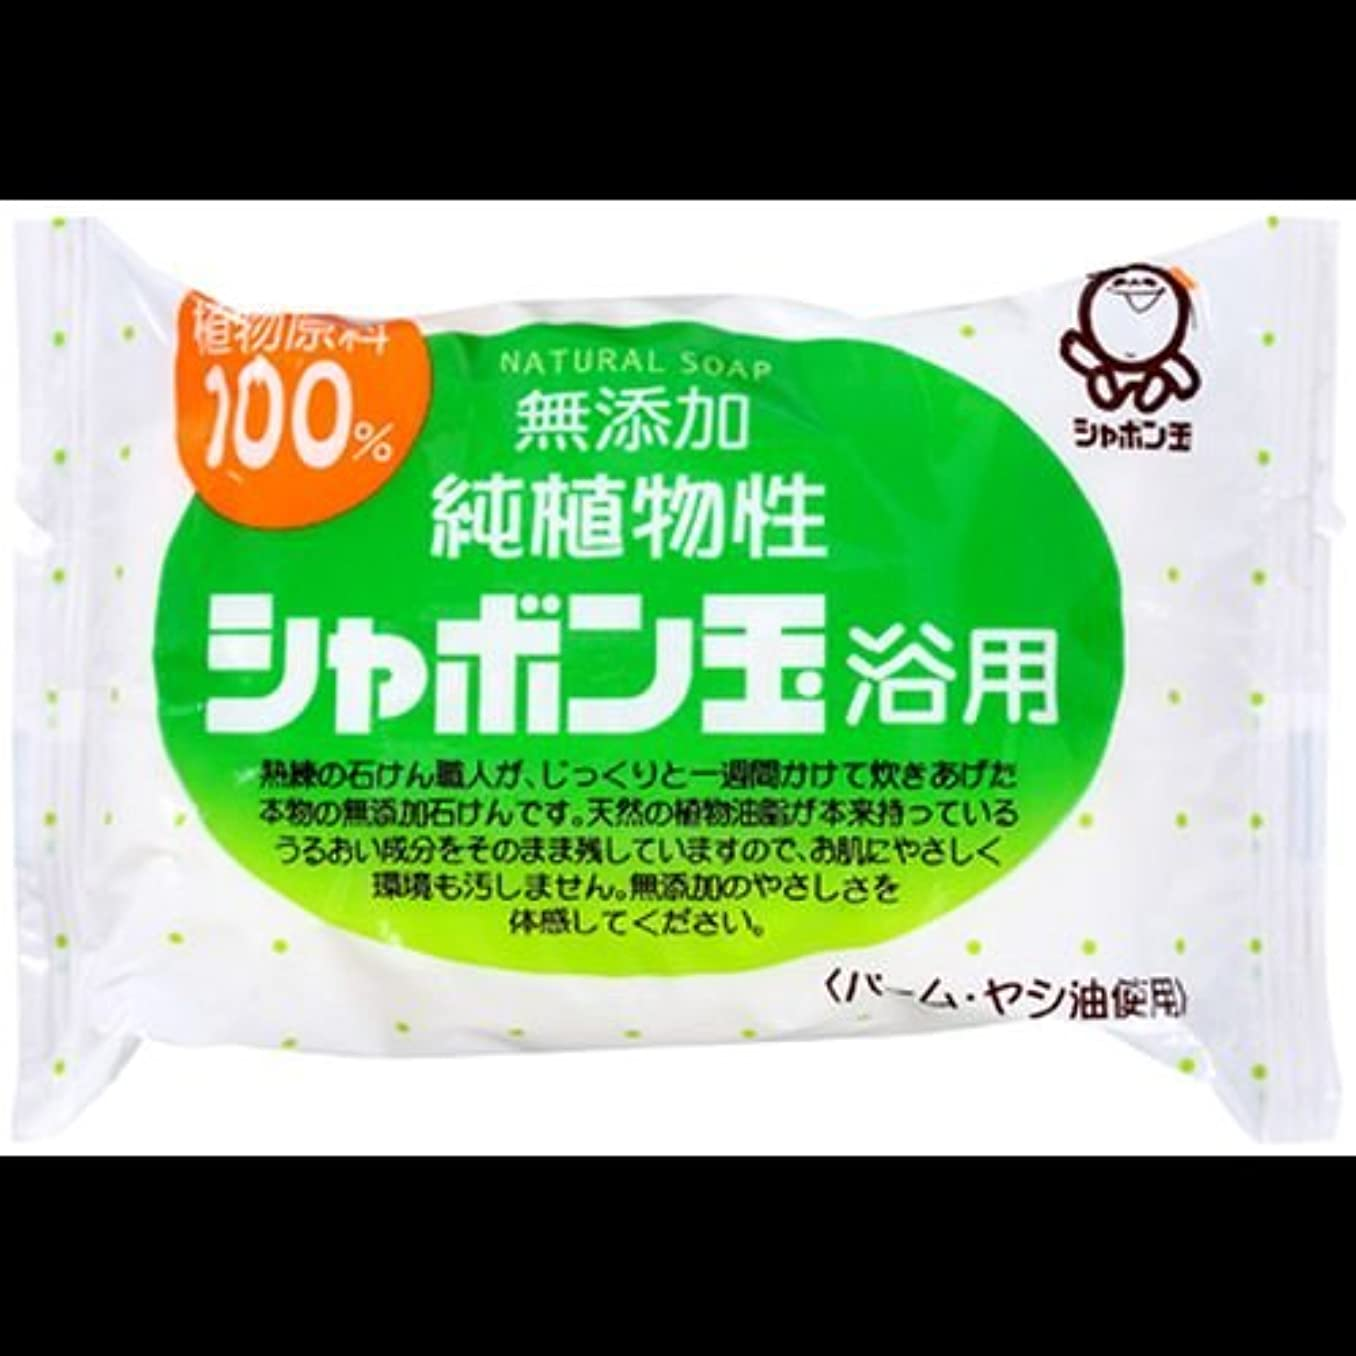 ソフトウェアカード研究所【まとめ買い】シャボン玉 無添加 純植物性 シャボン玉浴用石けん 純植物性 100g ×2セット